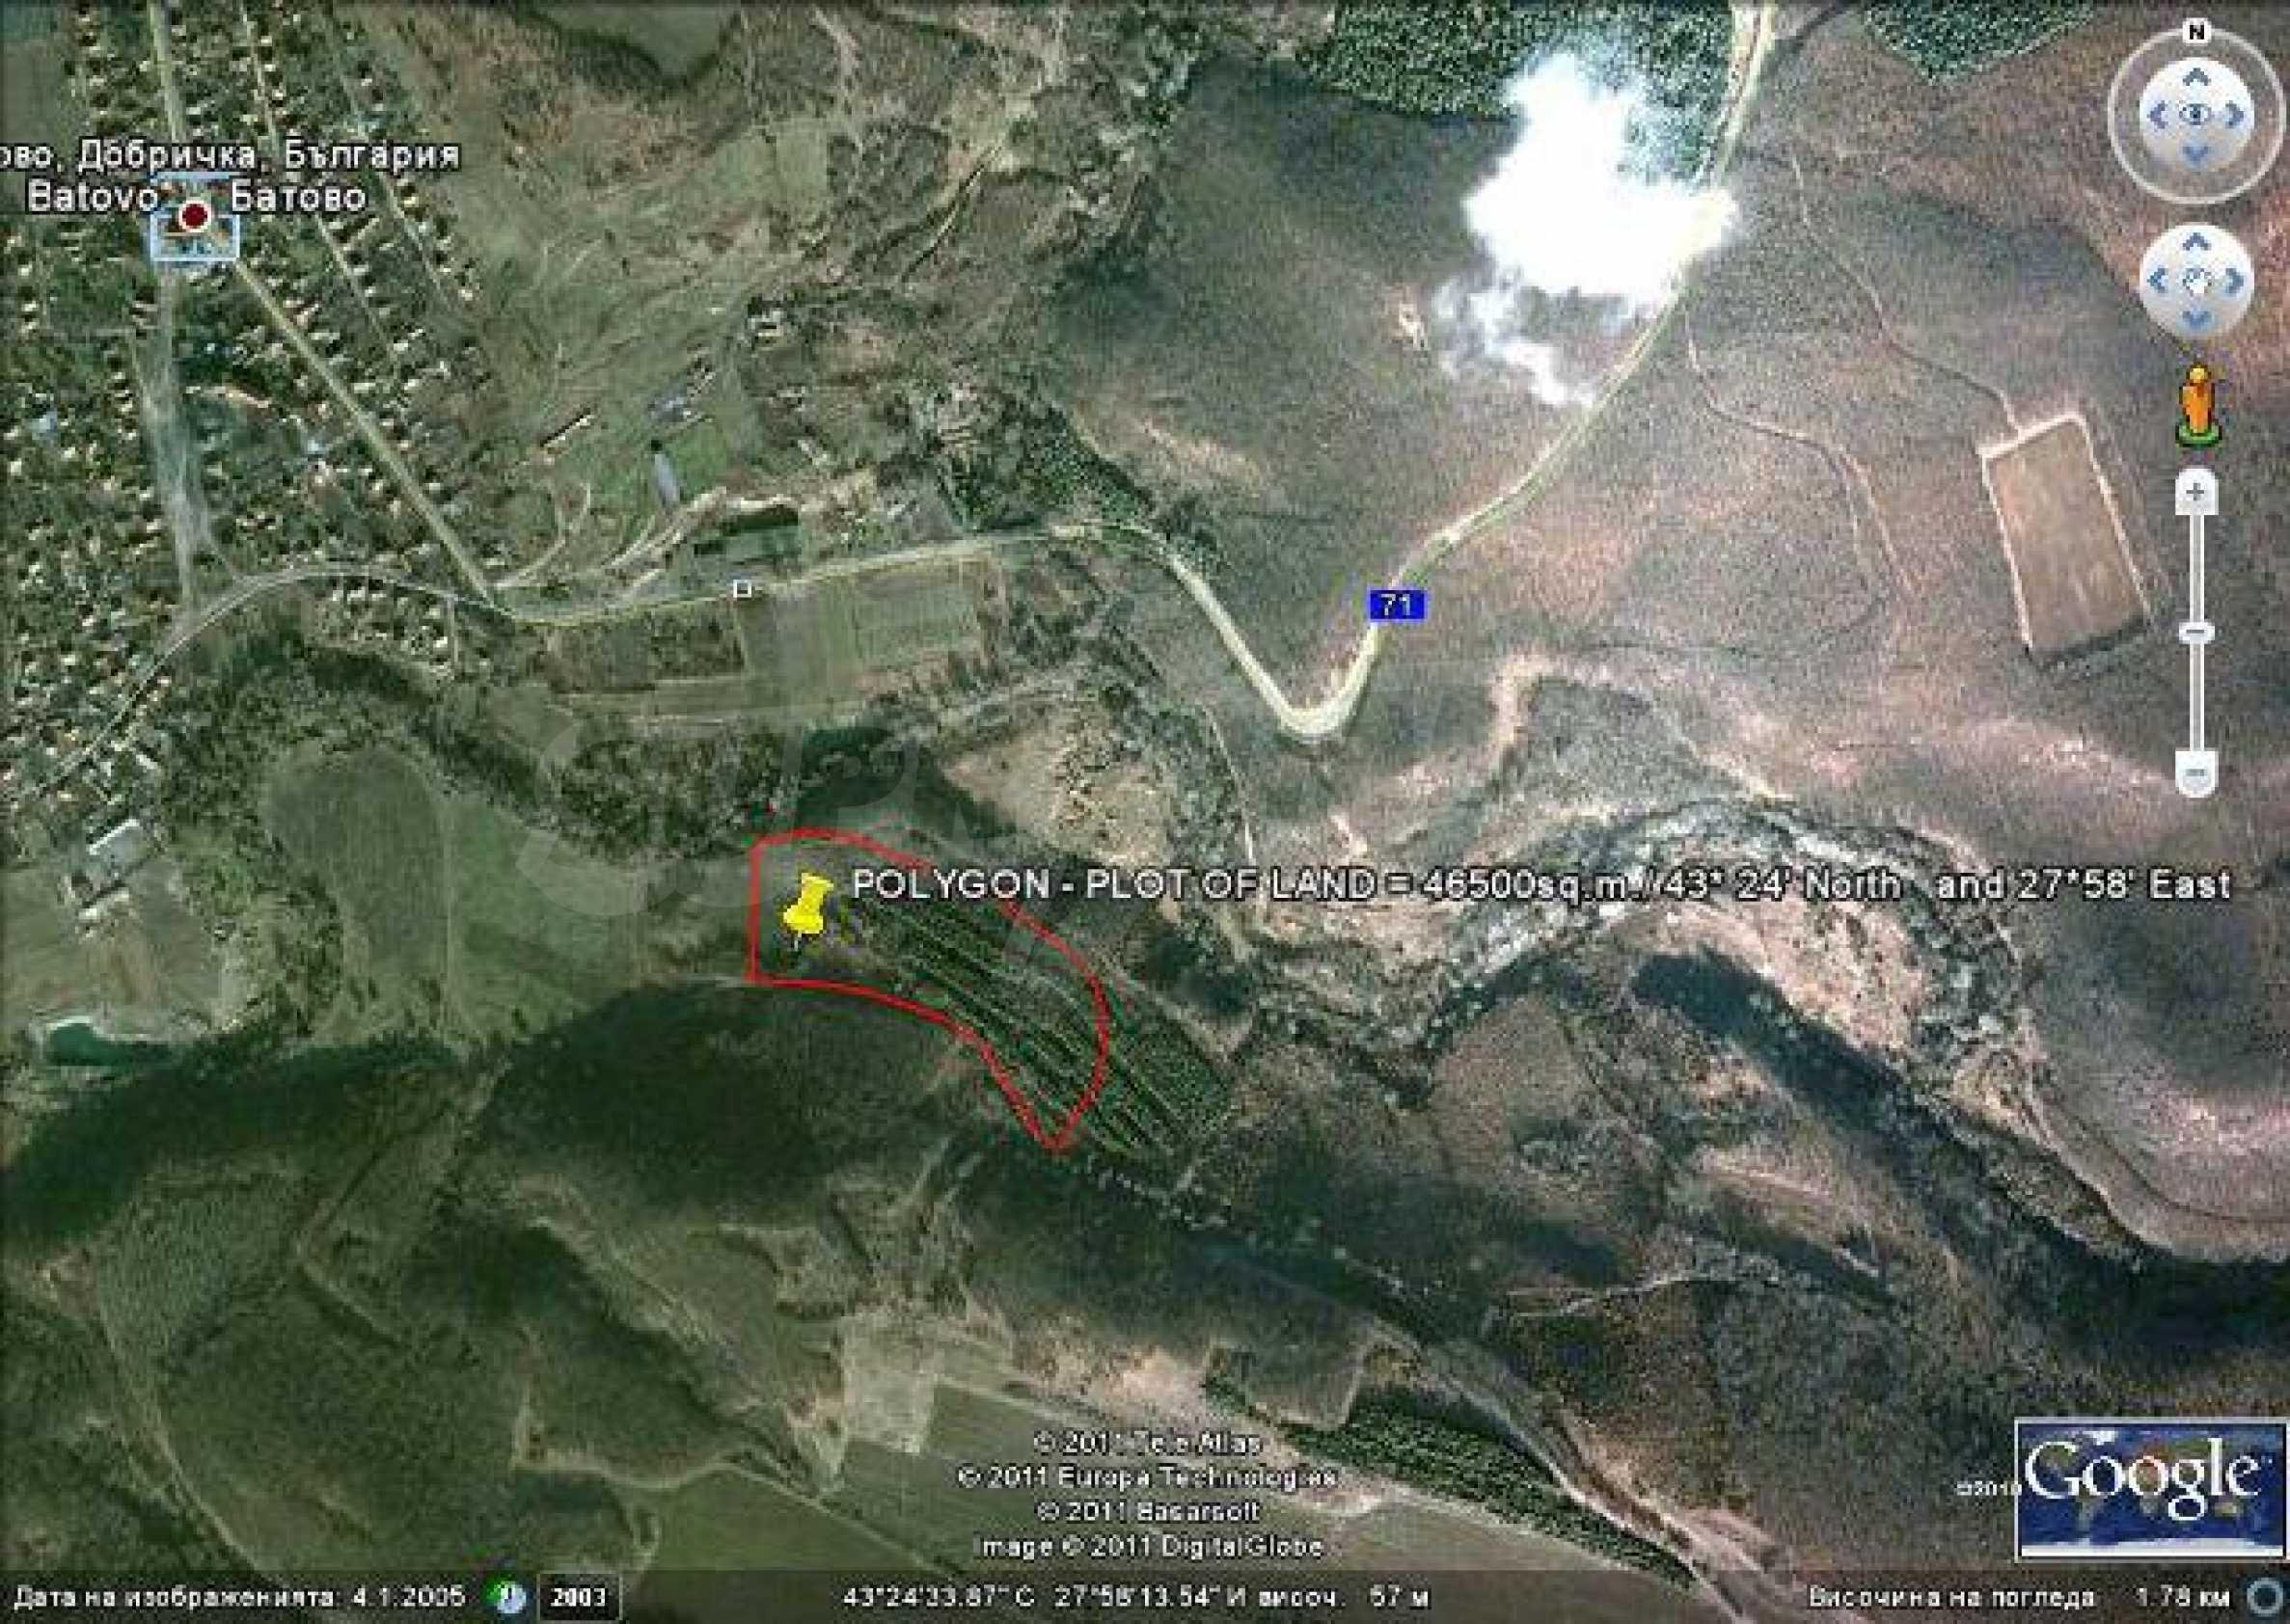 Продается участок площадью 46 500 кв.м. в 12 км от Албены 10